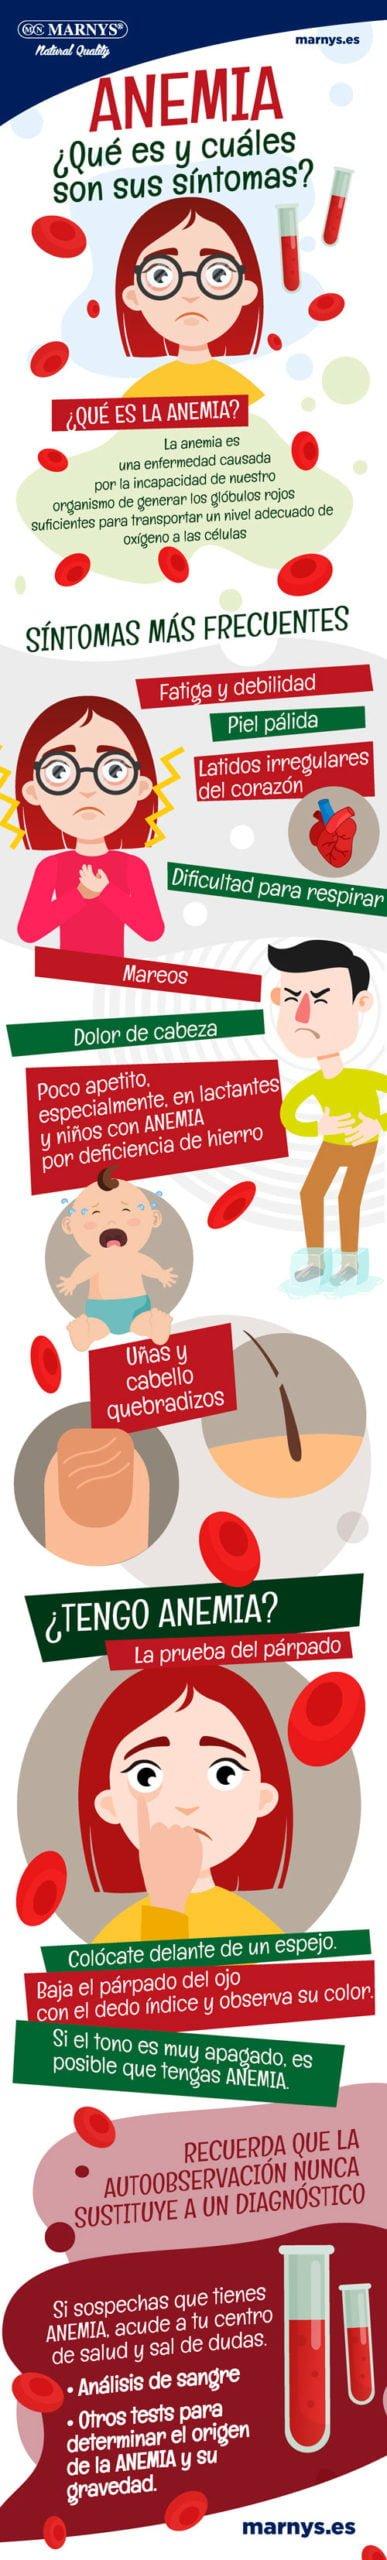 Infografía sobre la anemia, causas, tipos y cómo combatirla y prevenirla